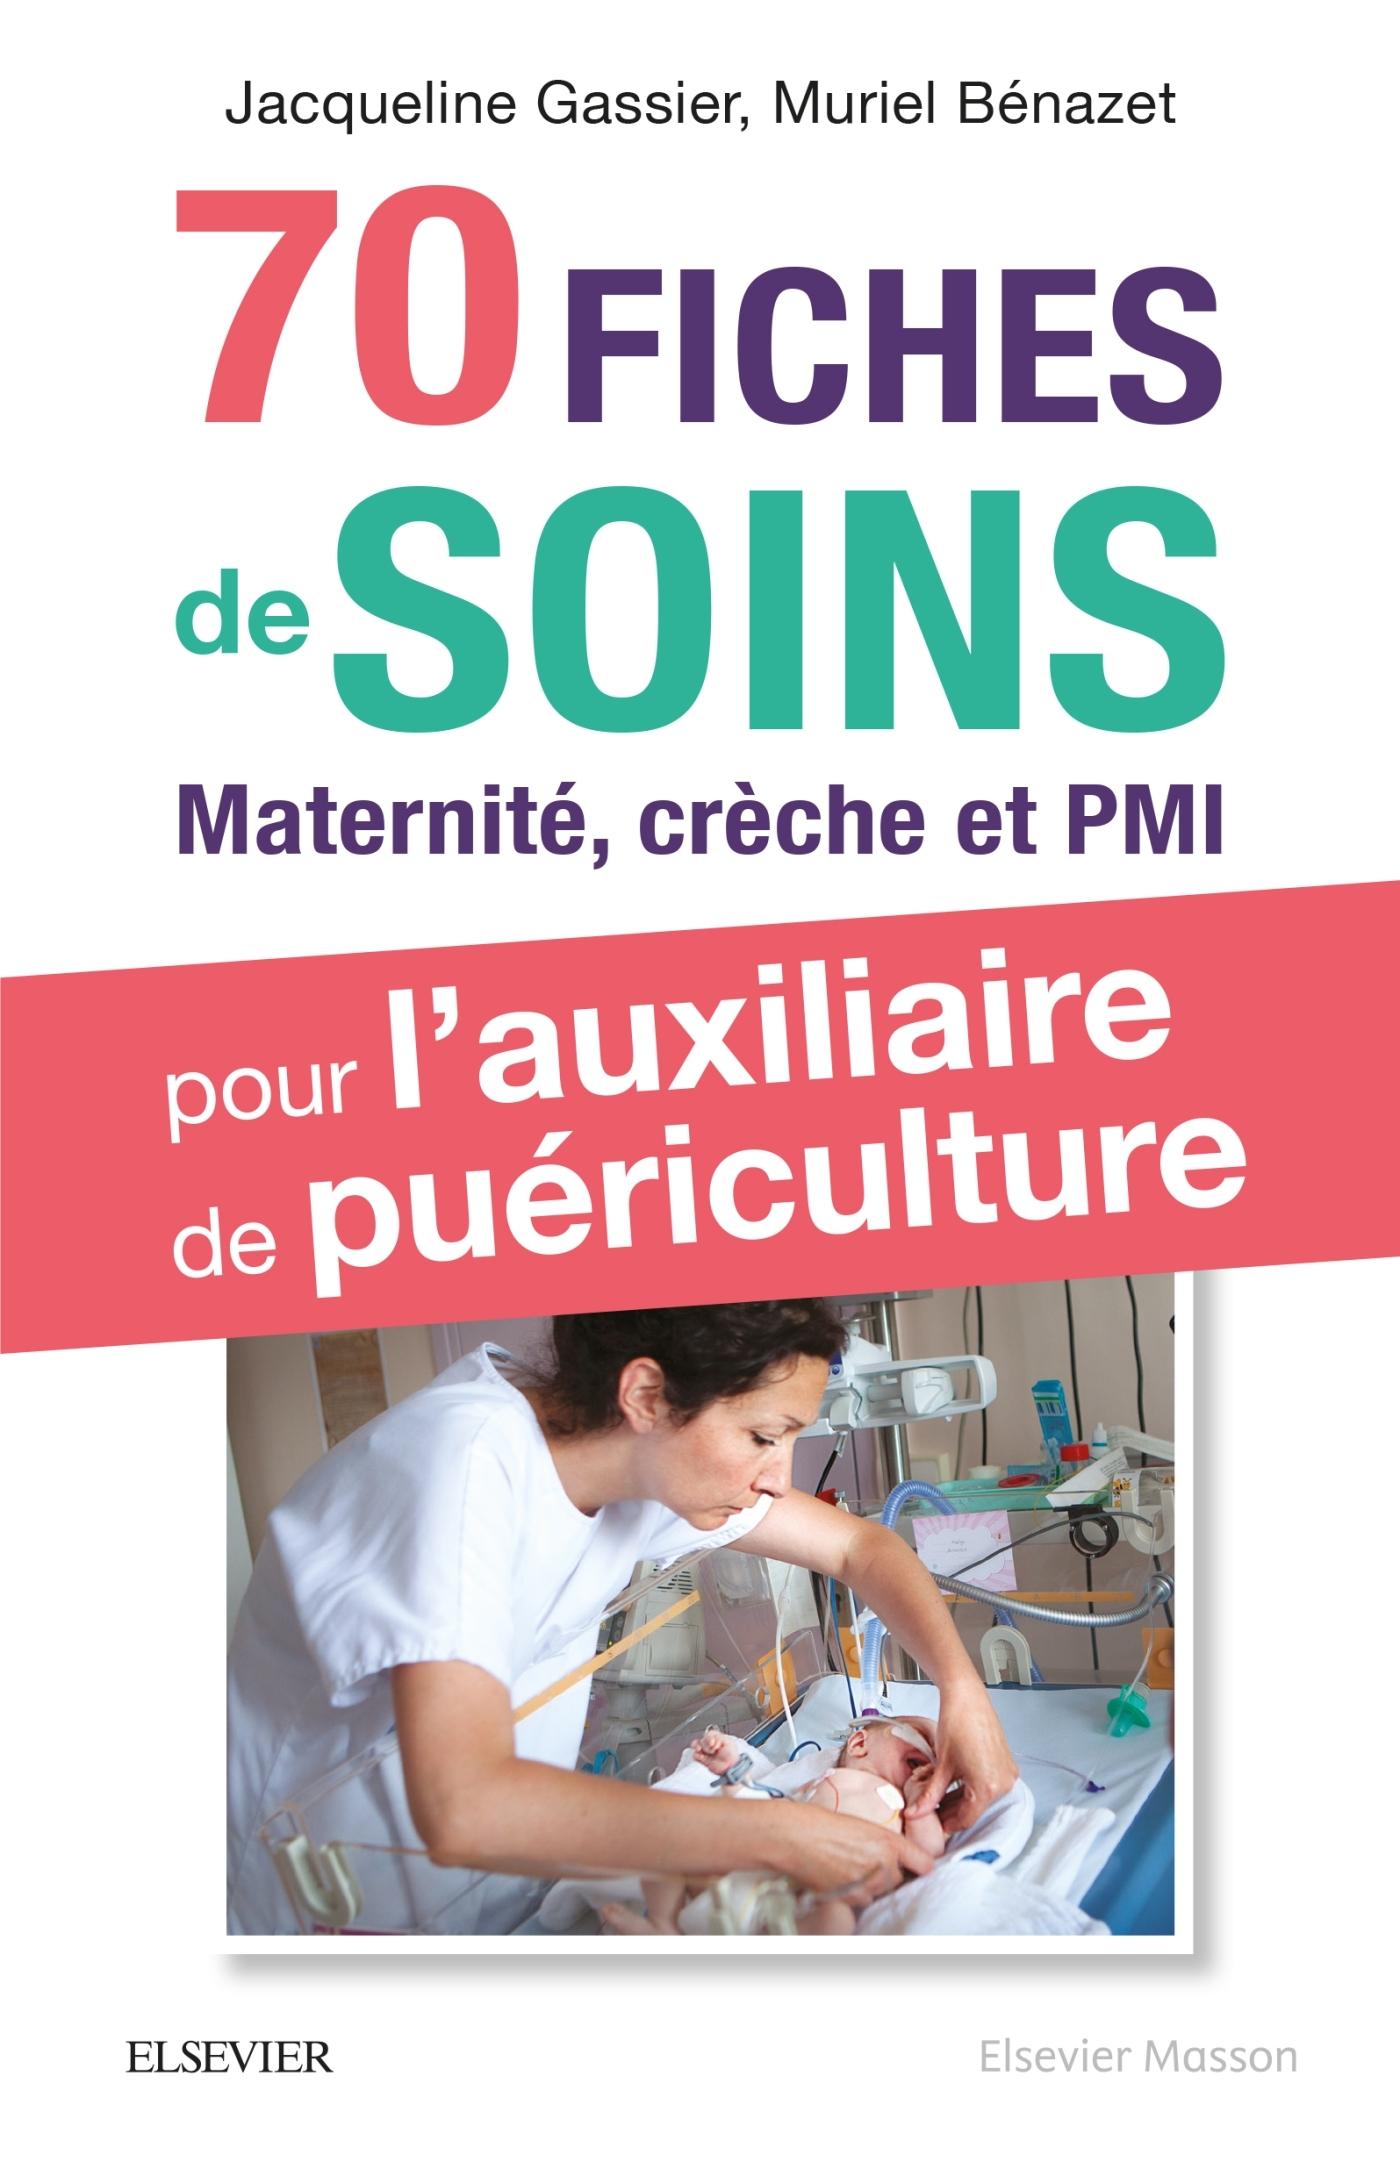 70 FICHES DE SOINS POUR L'AUXILIAIRE DE PUERICULTURE - PRISE EN CHARGE DE L'ENFANT EN MATERNITE, CRE